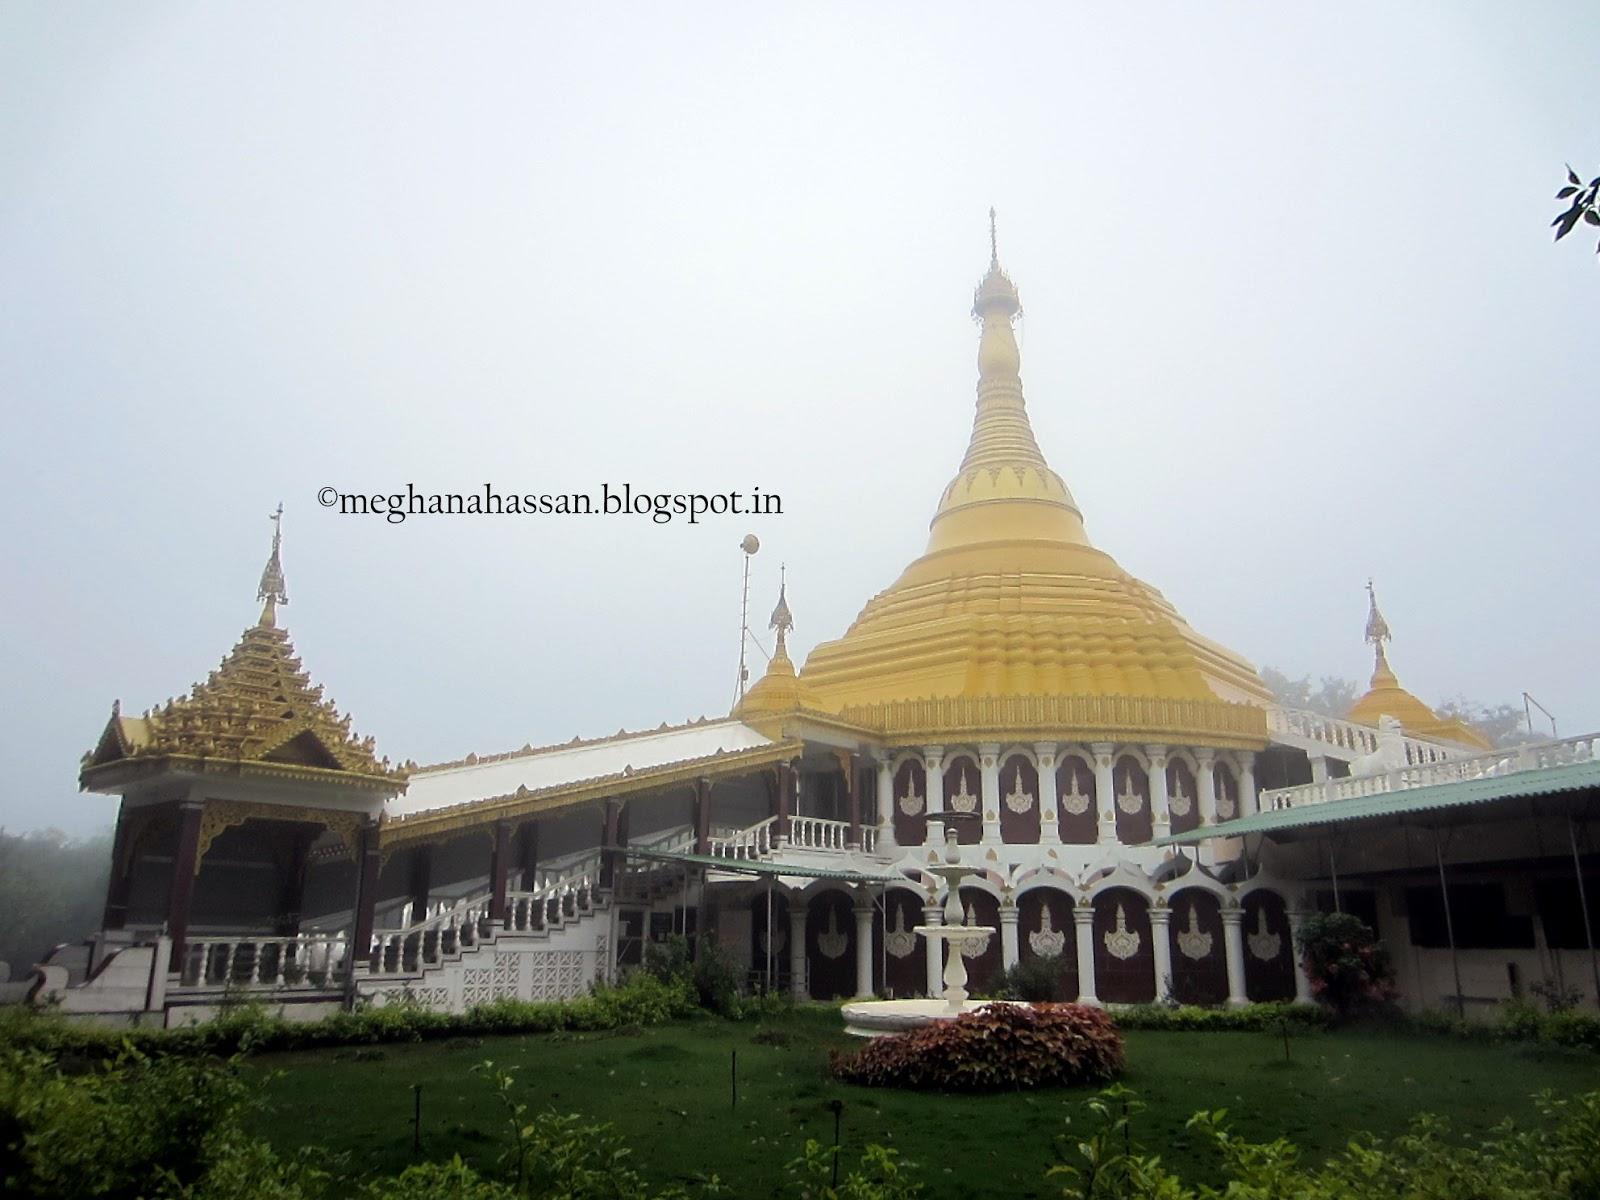 vipassana-meditation-centre-dhamma-mahimar-8